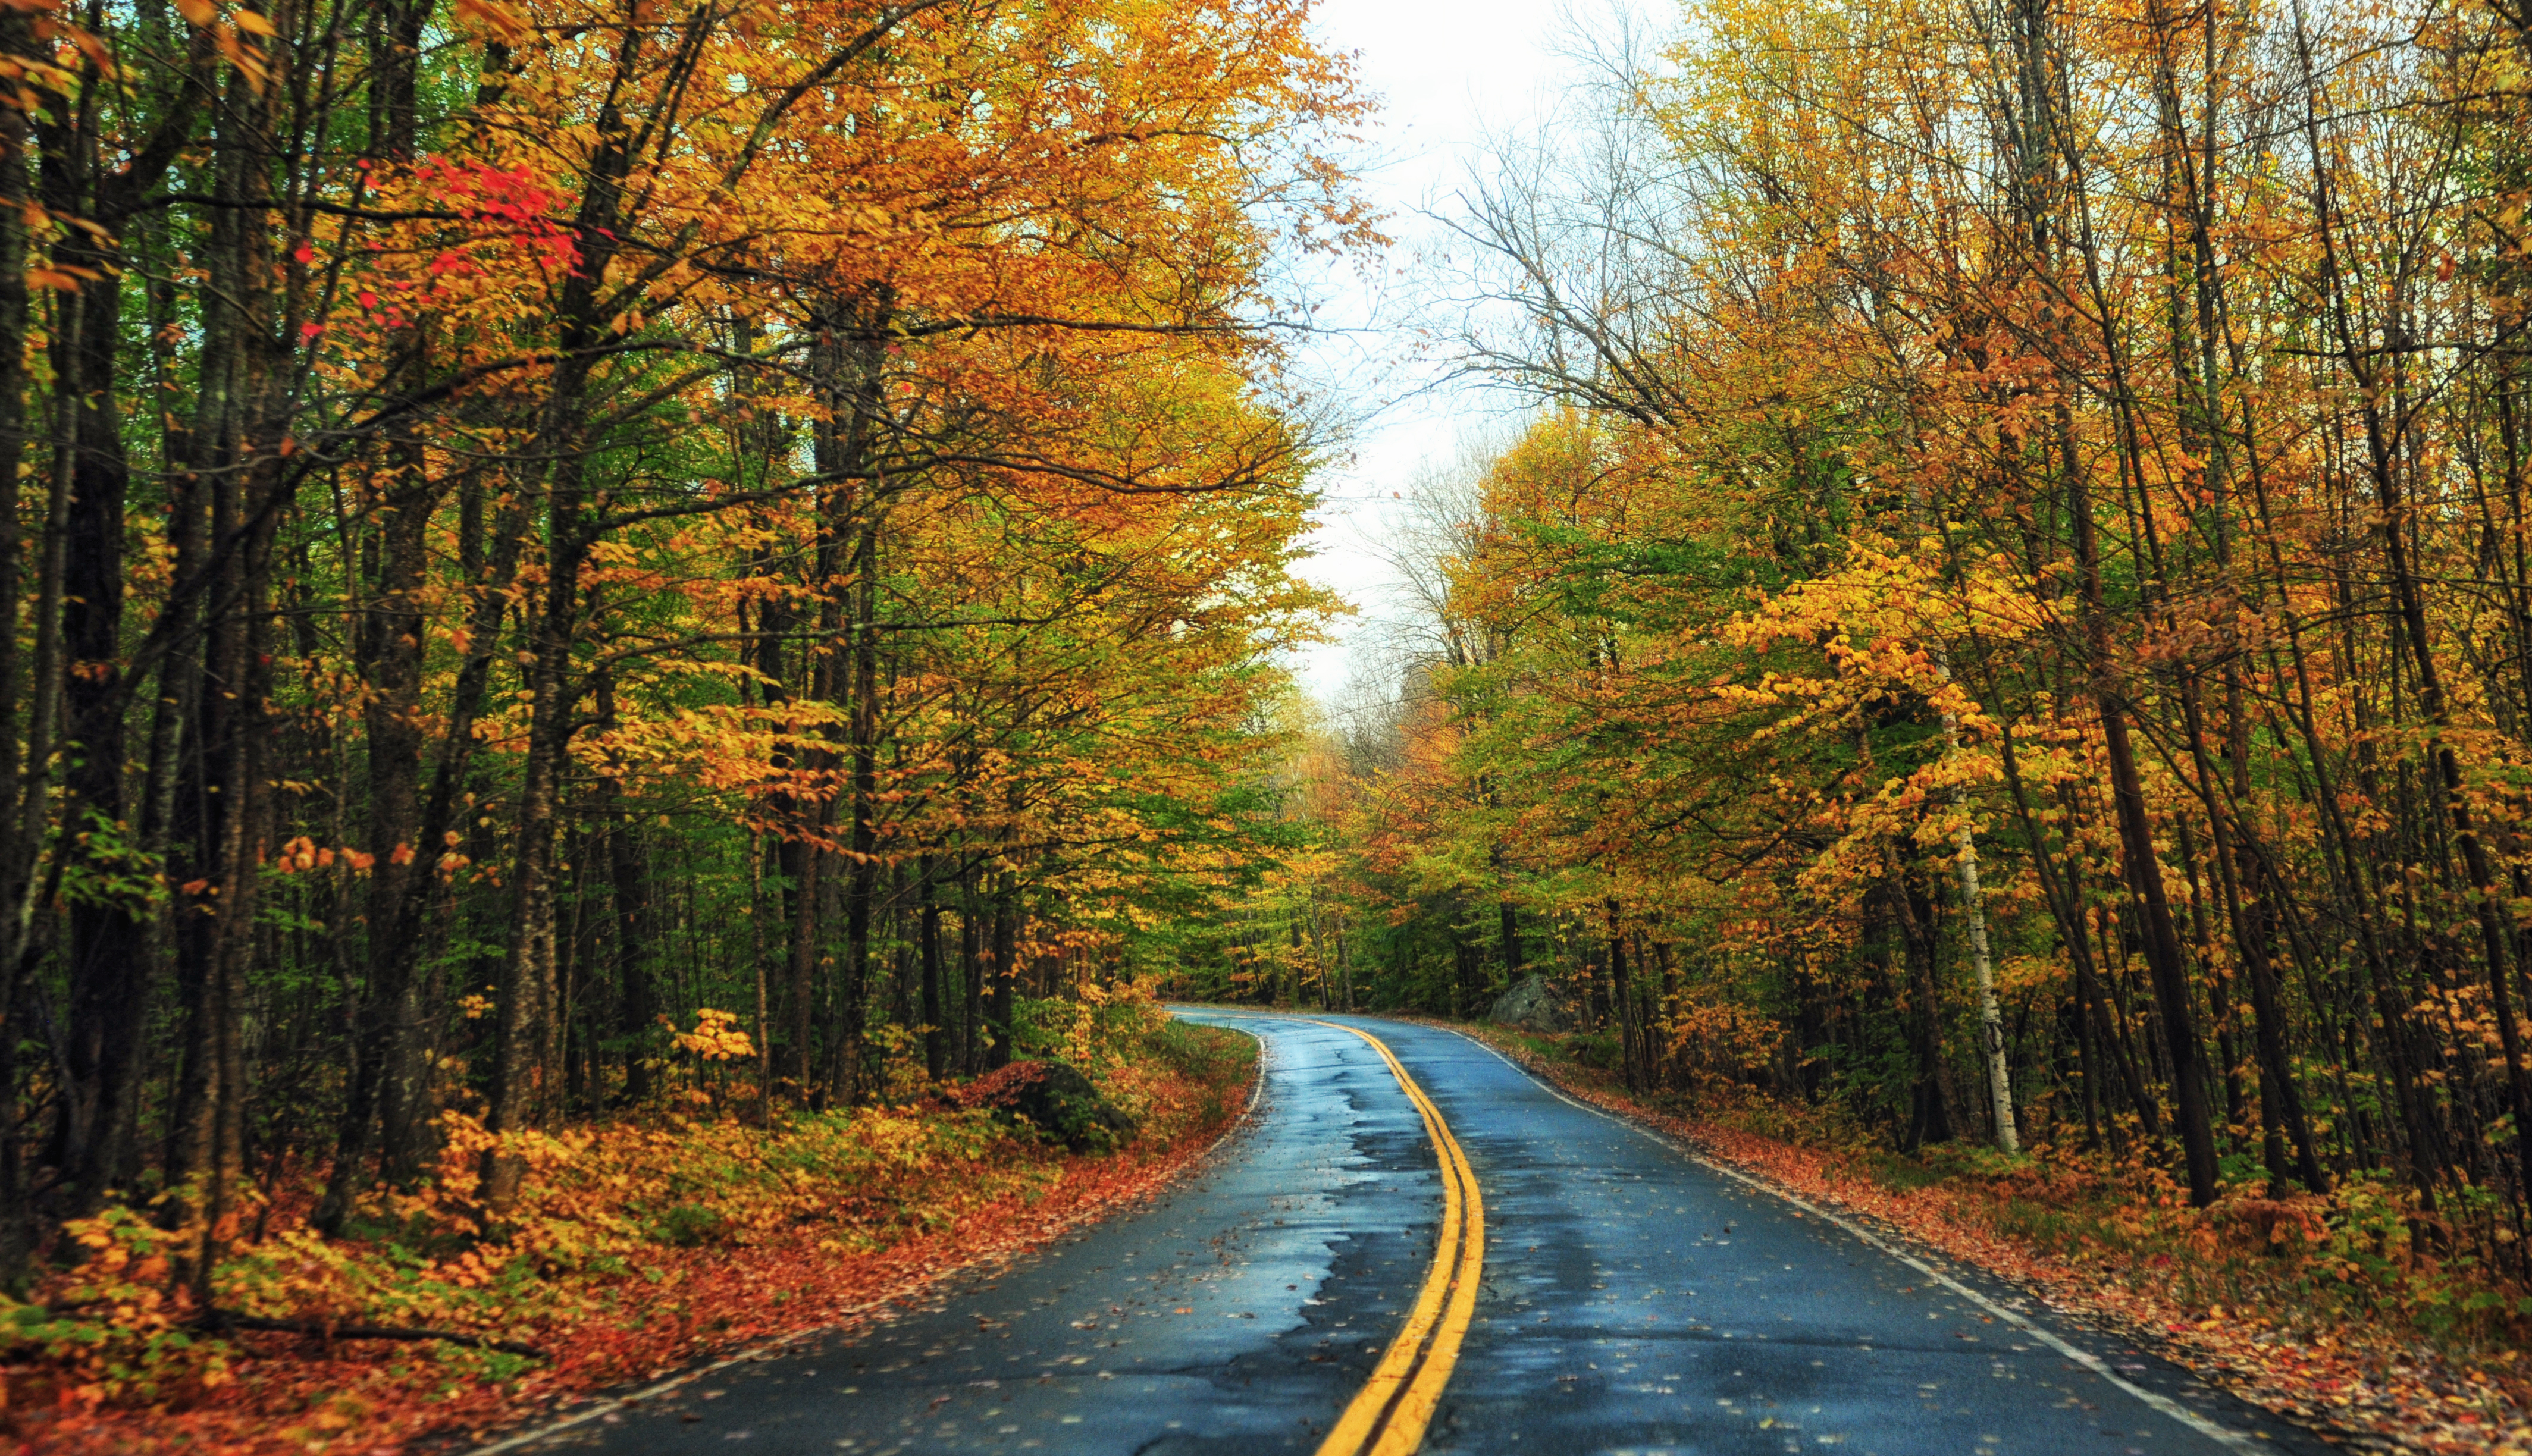 Autumn-in-Groton-Vermont.jpg?mtime=20200115144000#asset:107707